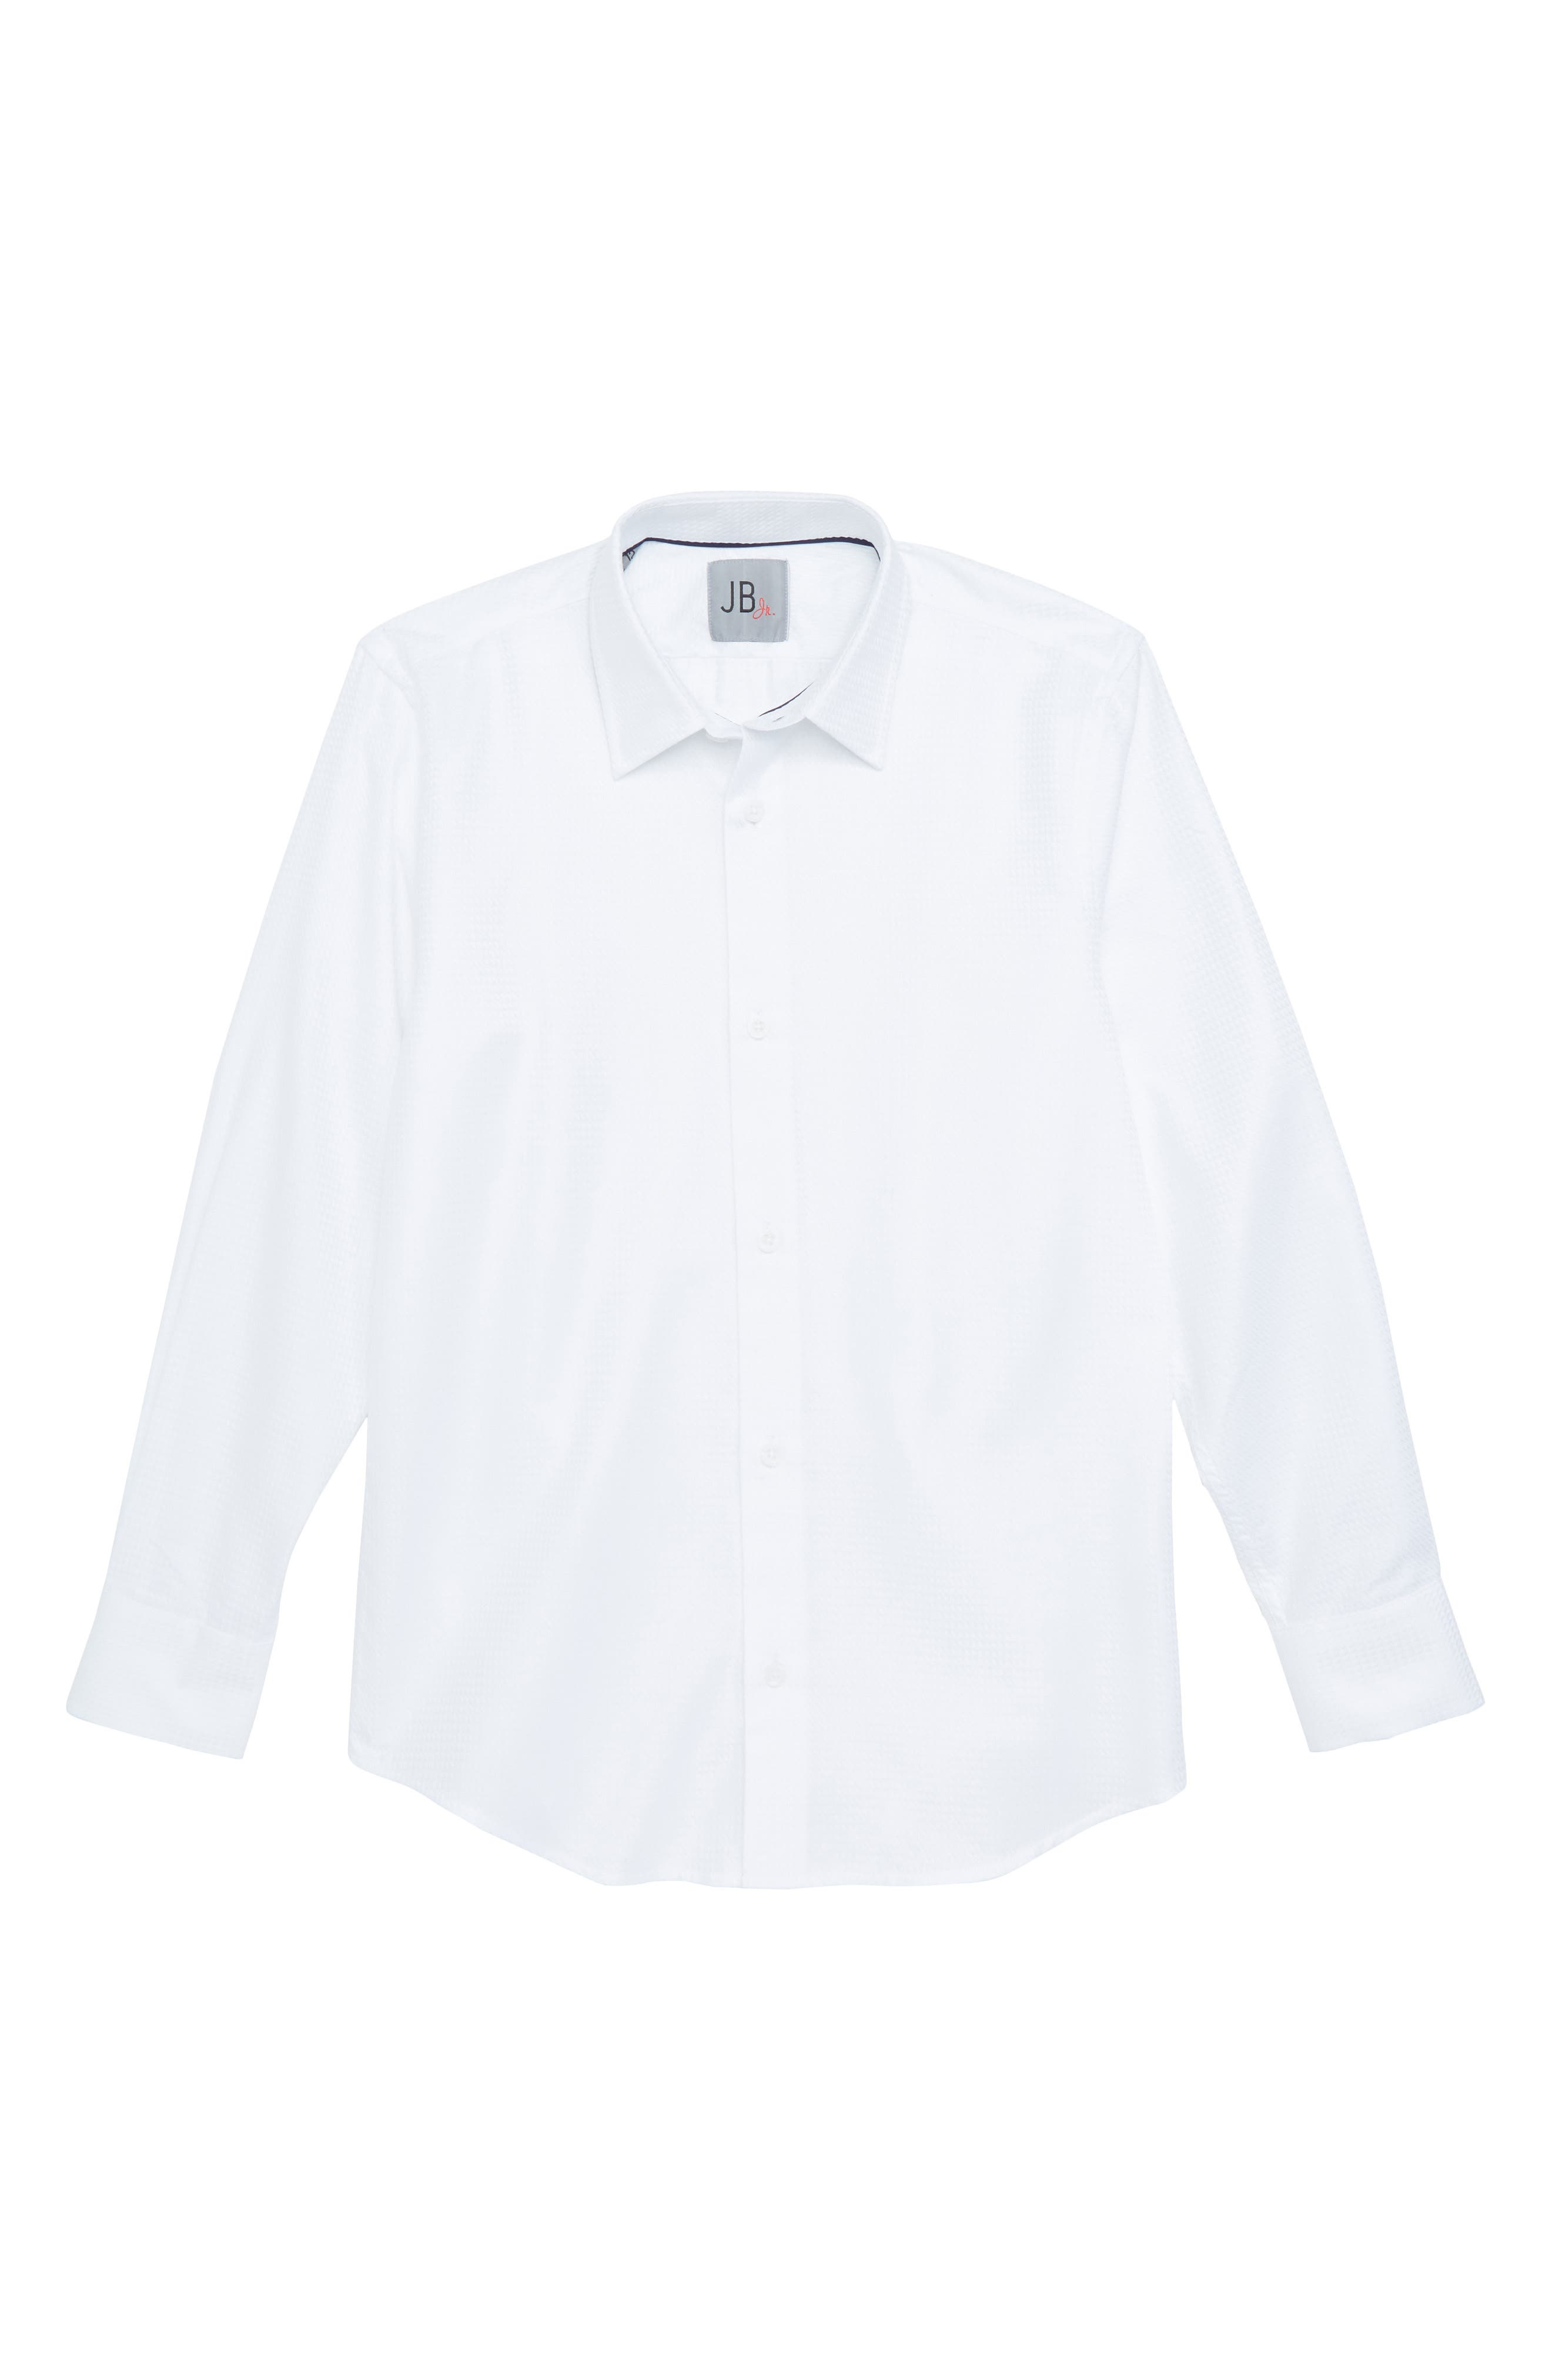 JB Jr Solid Dress Shirt (Big Boys)